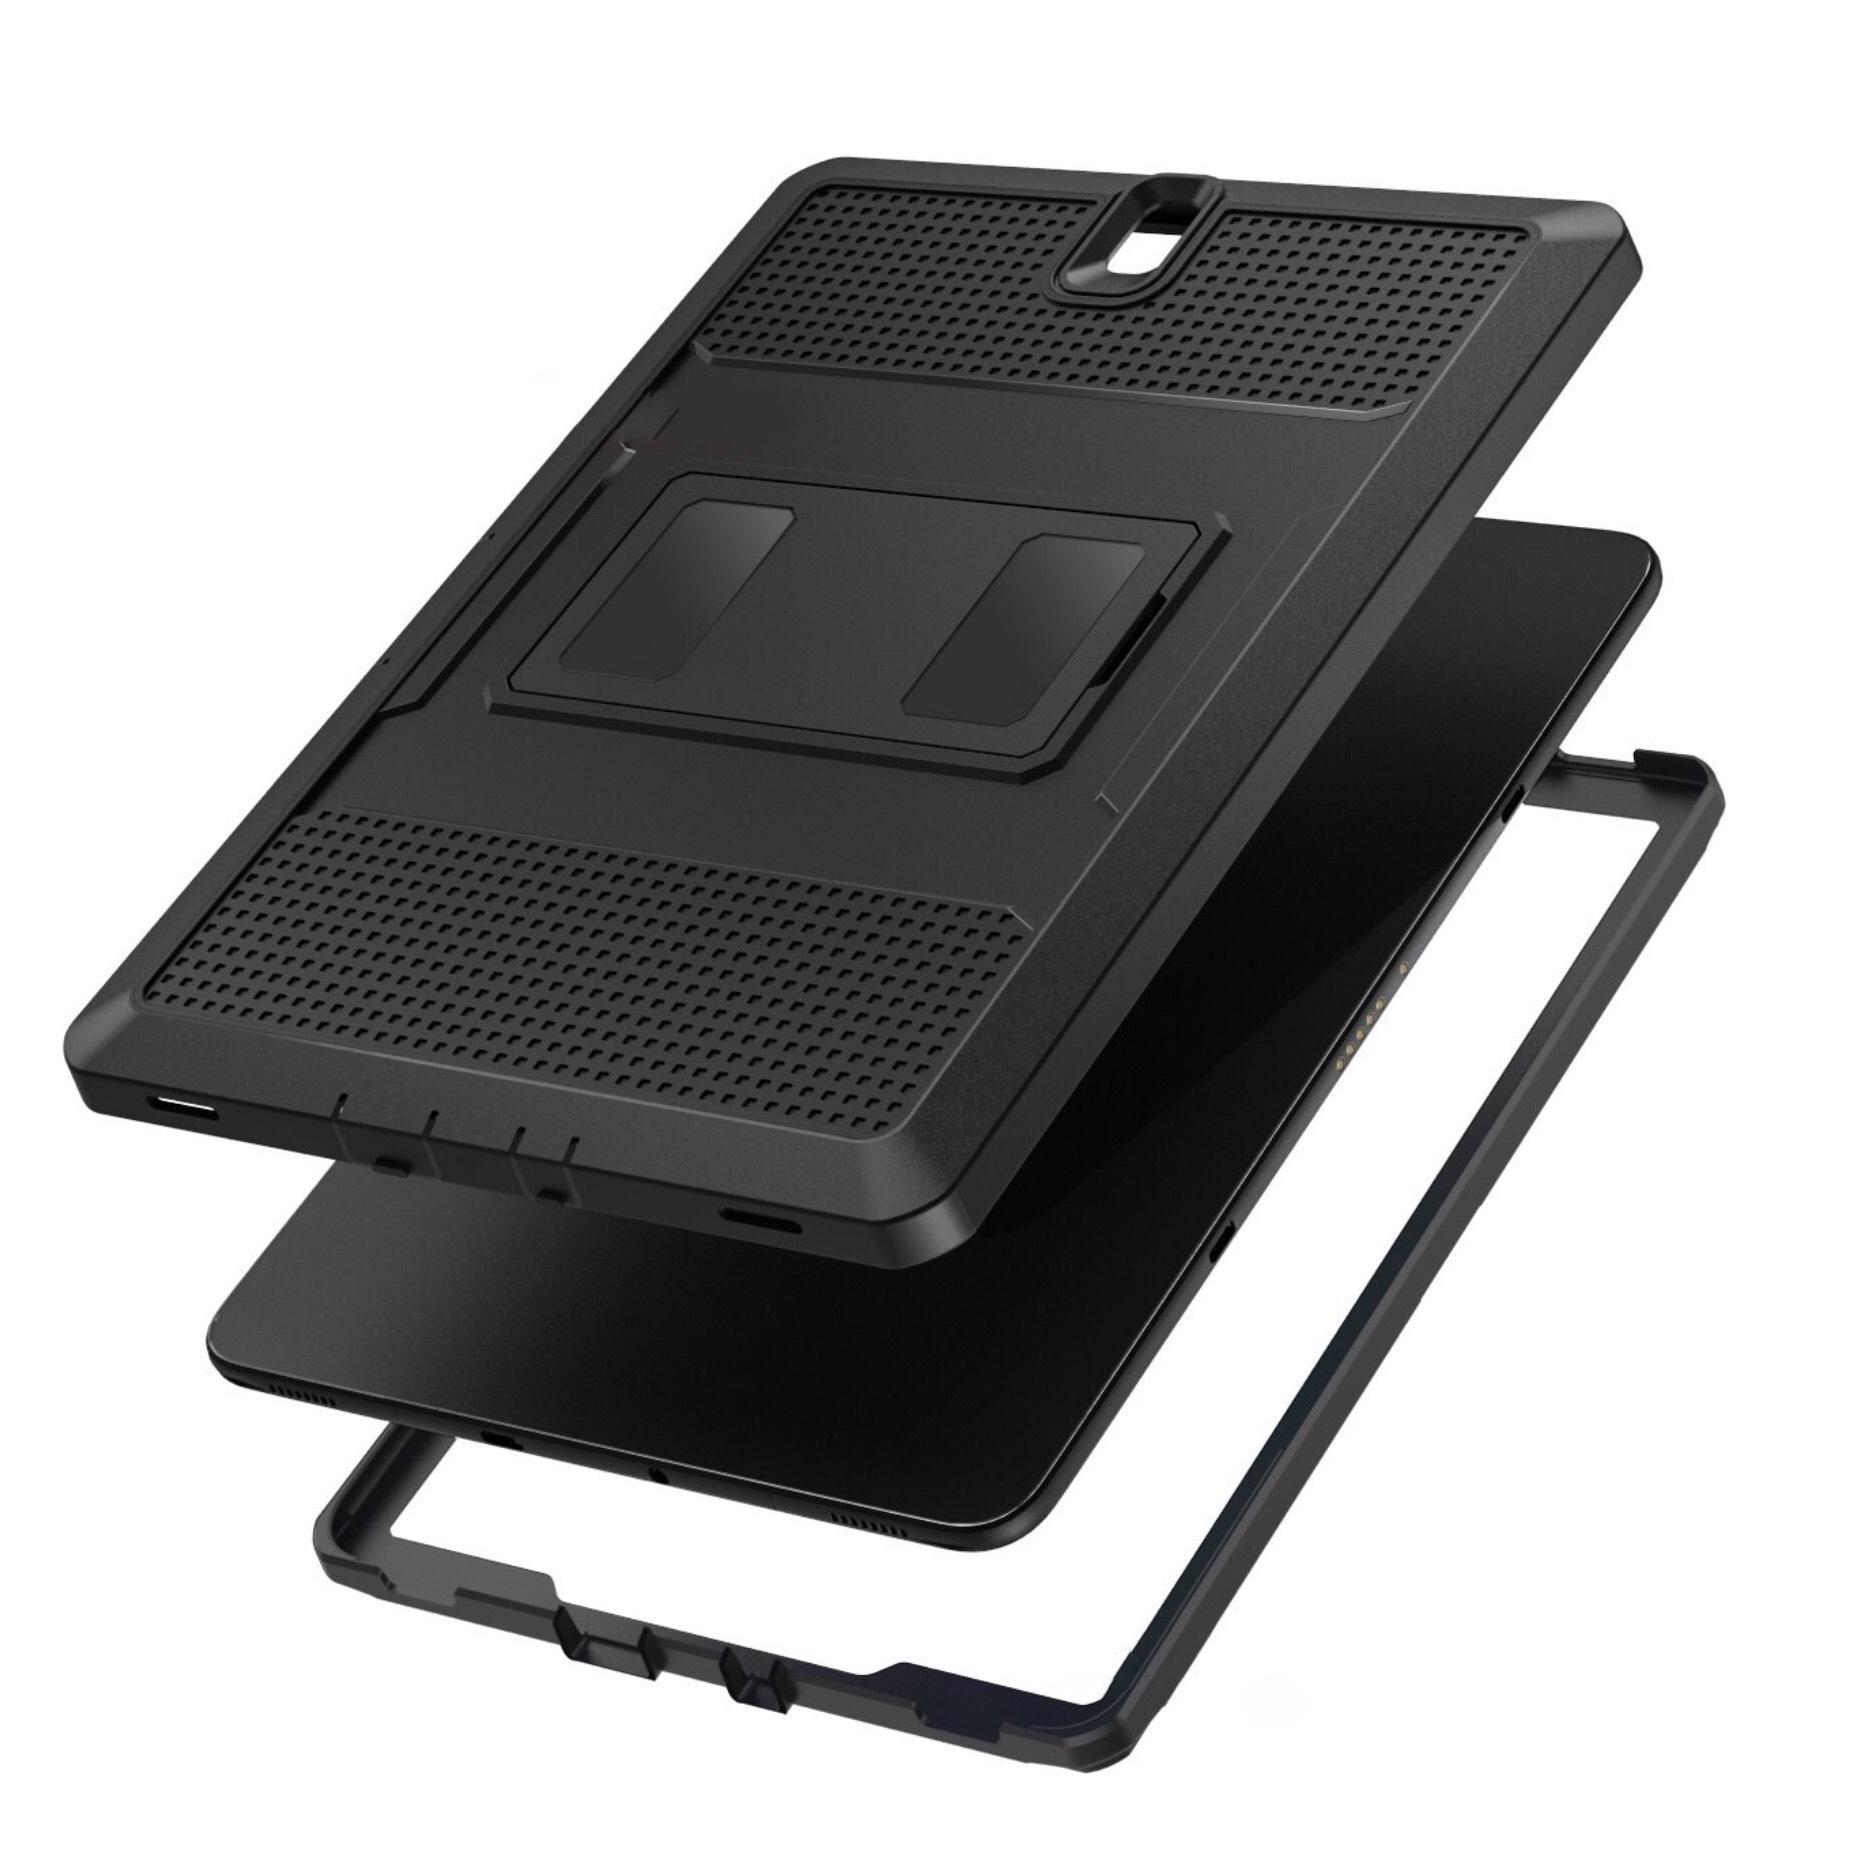 Coque Pied amovible et Film rigide Samsung Galaxy TAB S3 9.7